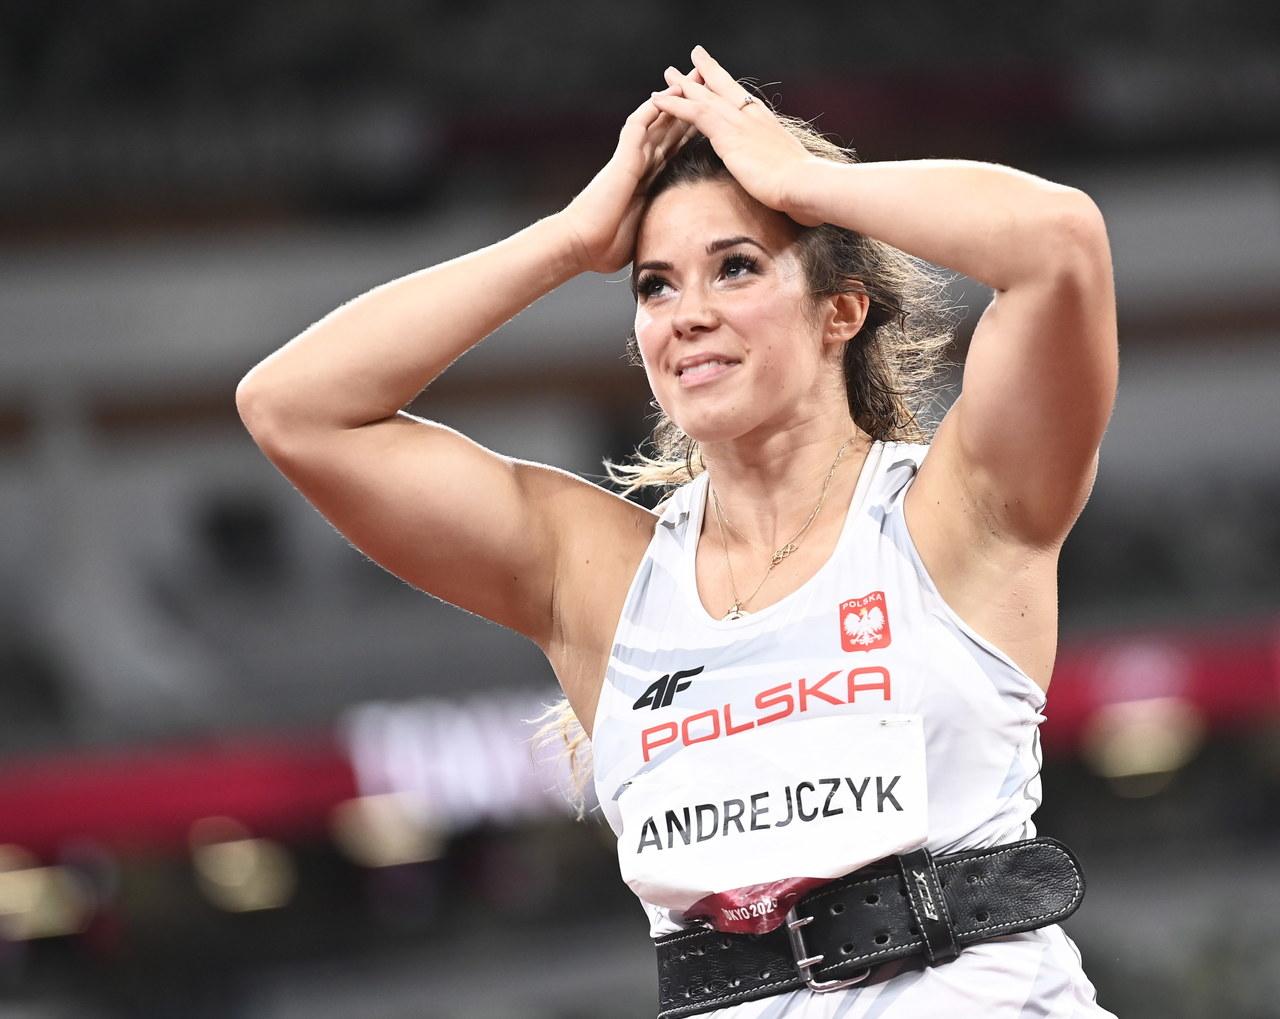 Maria Andrejczyk po zdobyciu srebra: Mój bark zrobił tyle, ile mógł